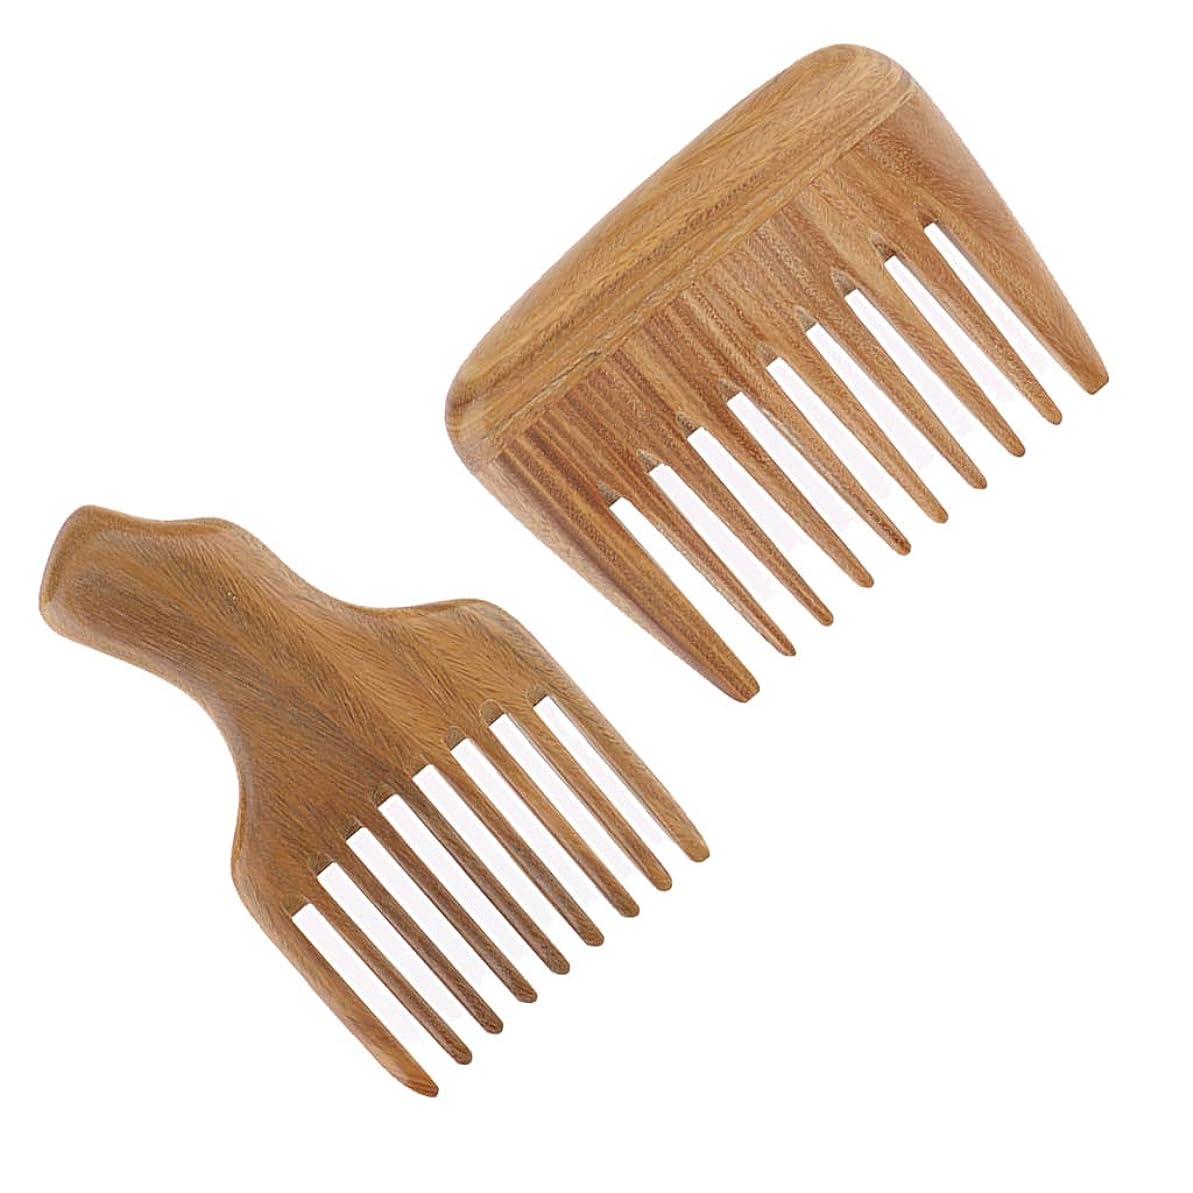 ロープ線オデュッセウス木製コーム ヘアブラシ ヘアコーム 粗い櫛 ユニセックス 理髪店 サロン アクセサリー 2個入り